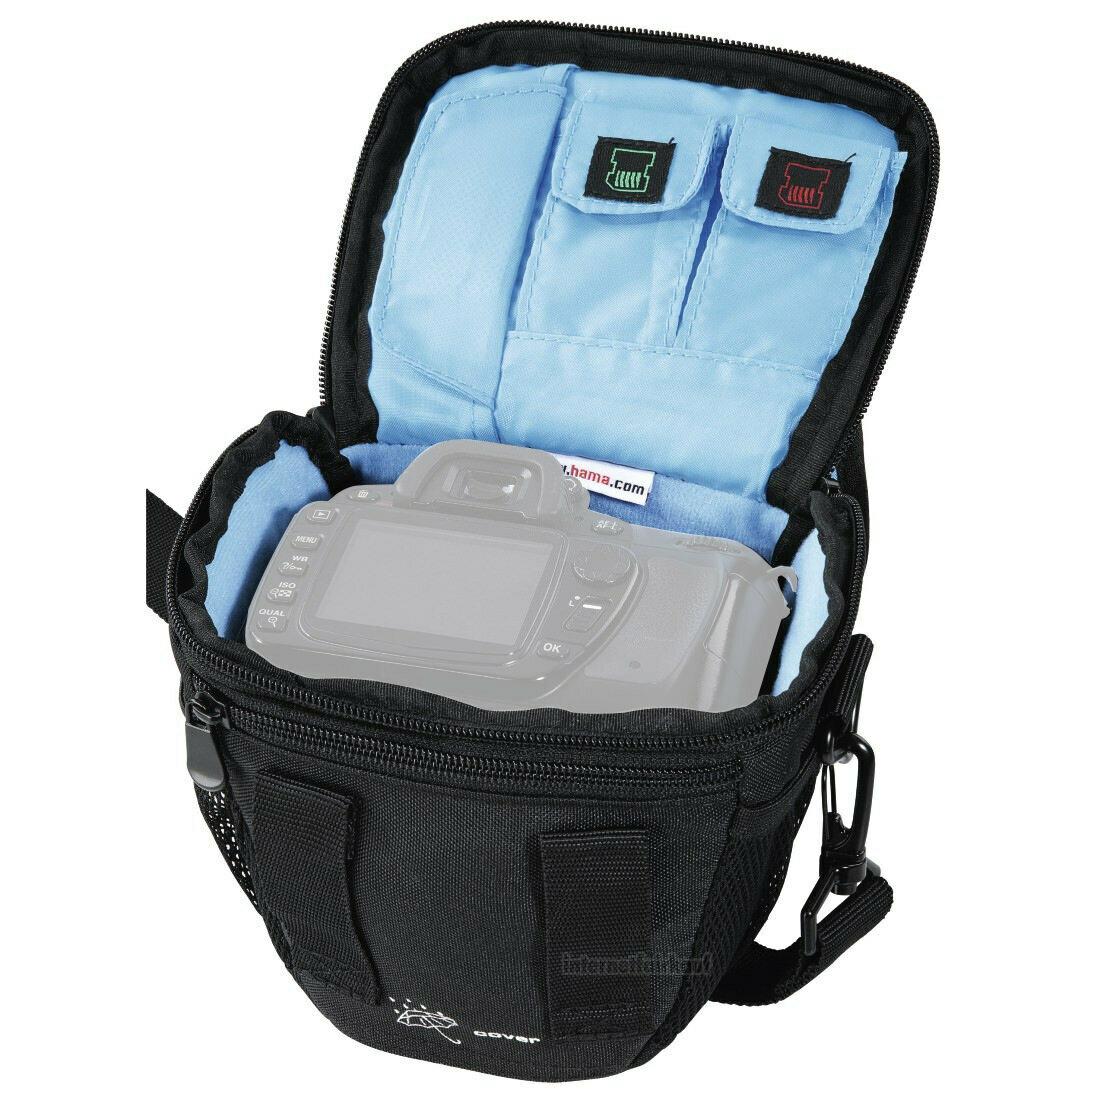 Hama Fototasche Kameratasche passend für Panasonic Lumix LZ40